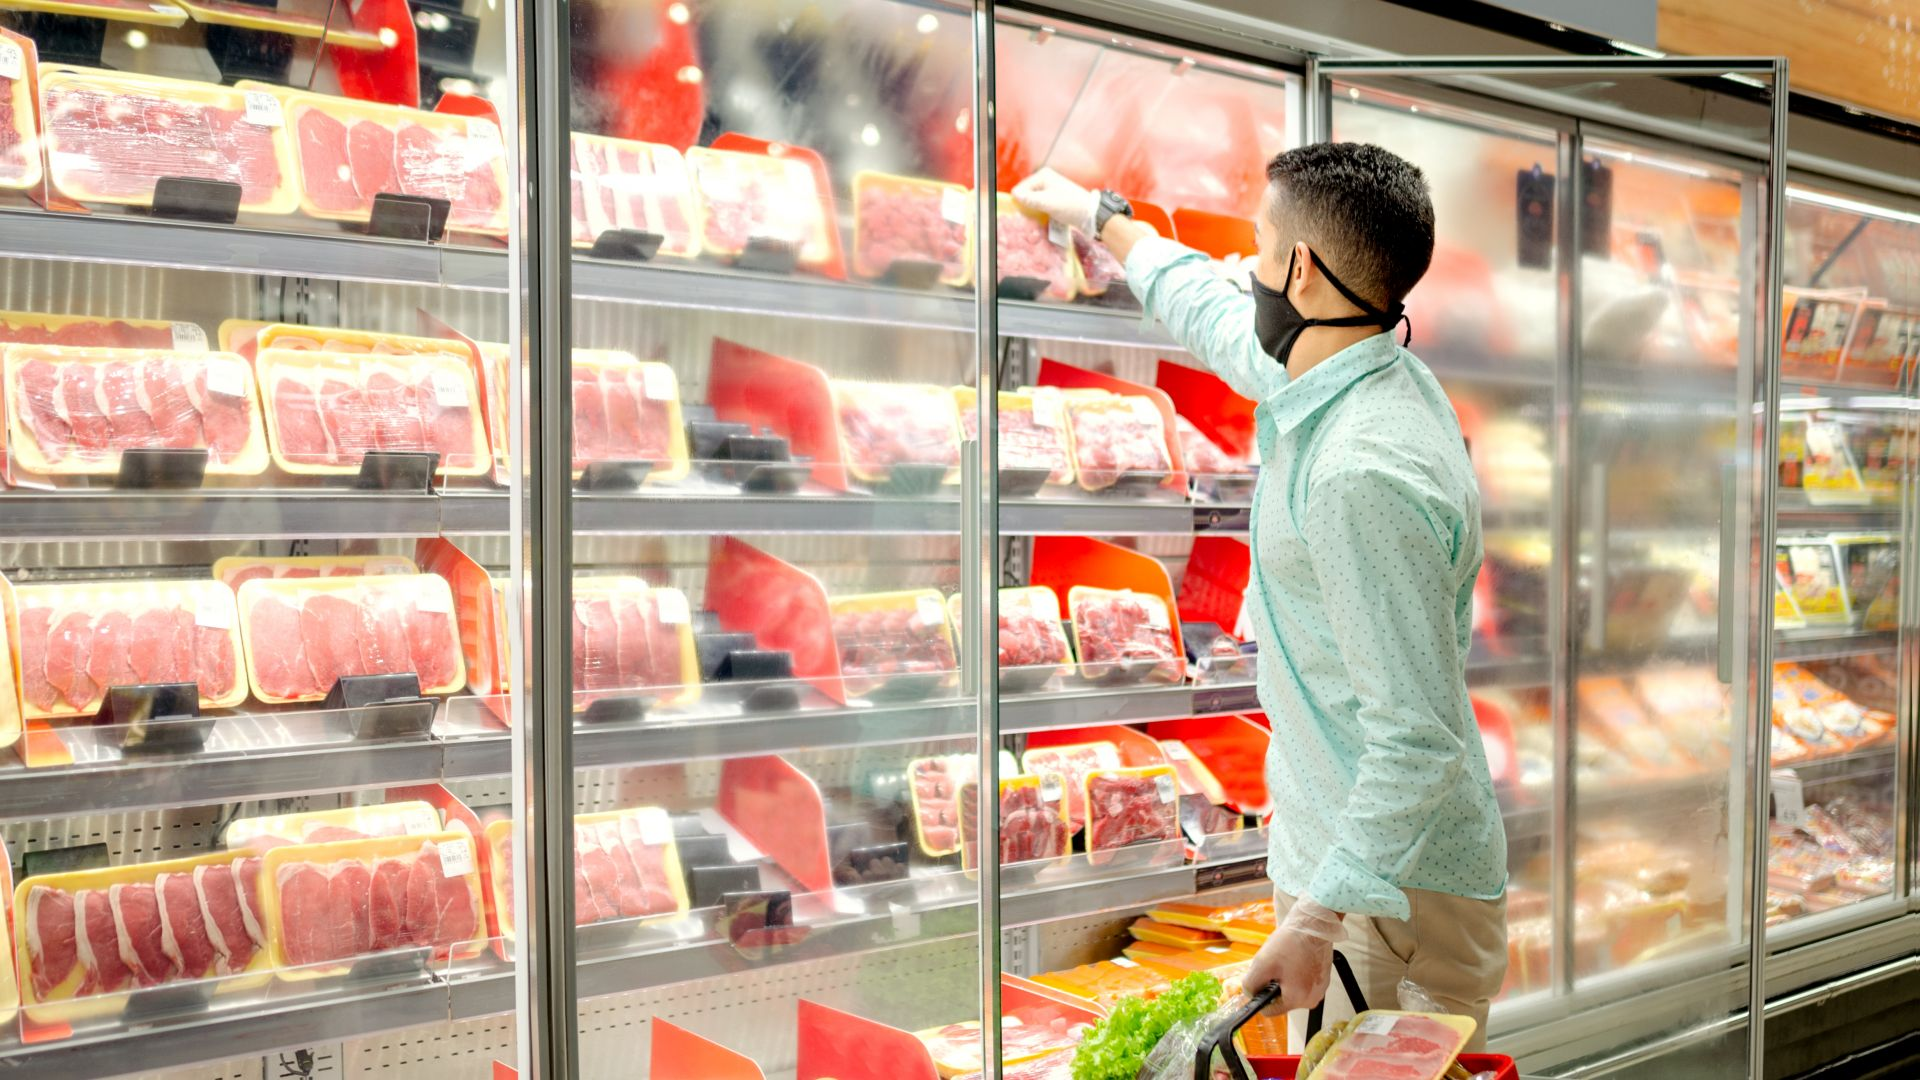 Асоциацията за защита на потребителите: Вдигат цените на агнешкото, яйцата - с неясно качество